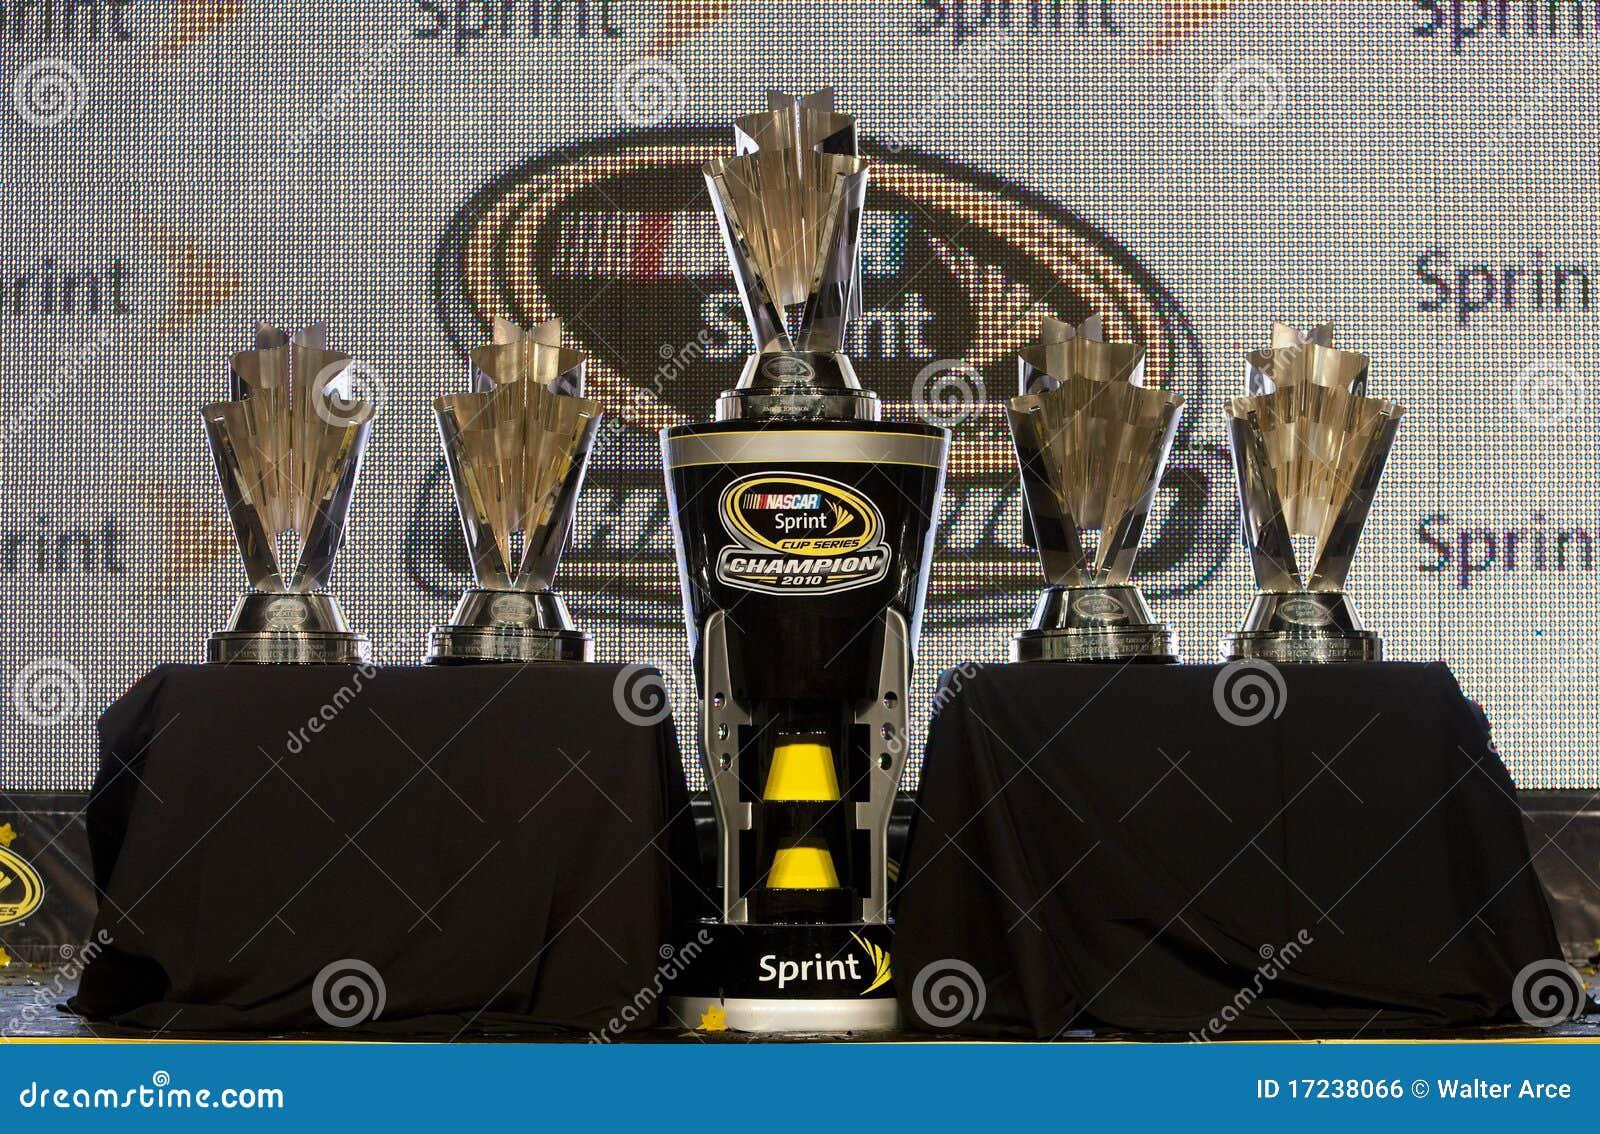 Ford Dealer Homestead >> NASCAR: Nov 21 Ford Ecoboost 300 Editorial Image | CartoonDealer.com #62793550